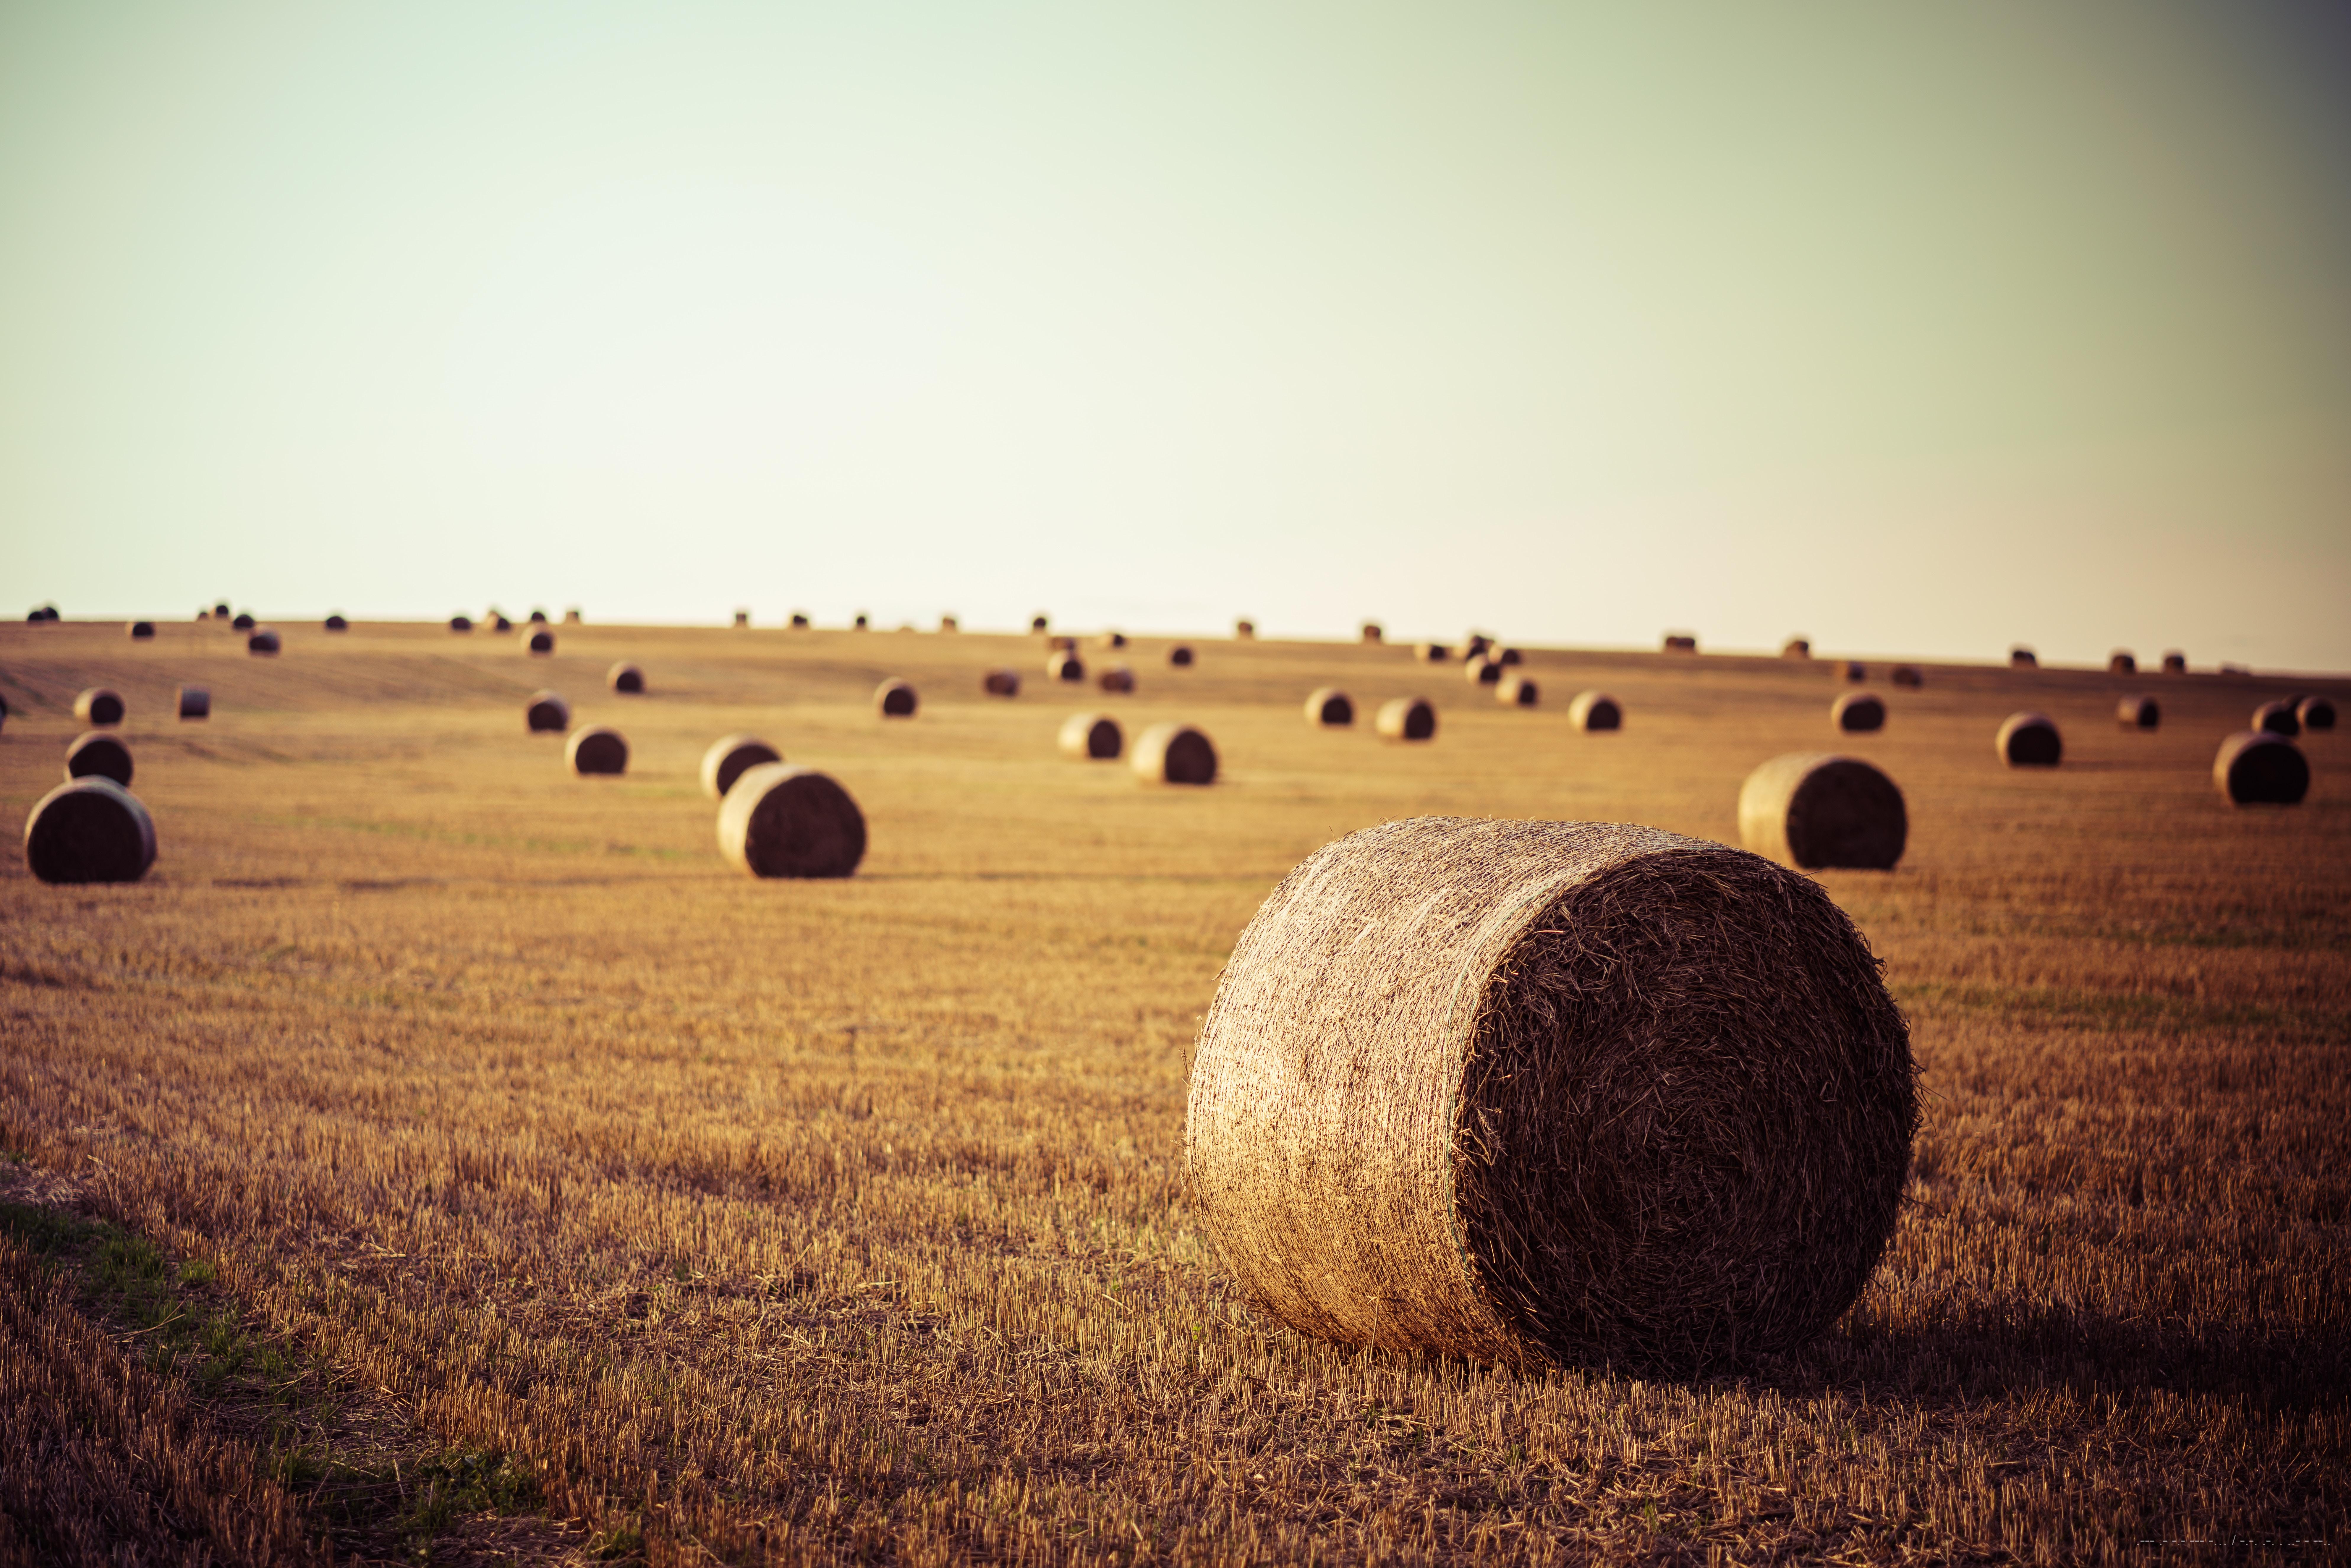 Ein weites abgeerntetes Feld mit großen runden Strohballen in den letzten Sonnenstrahlen